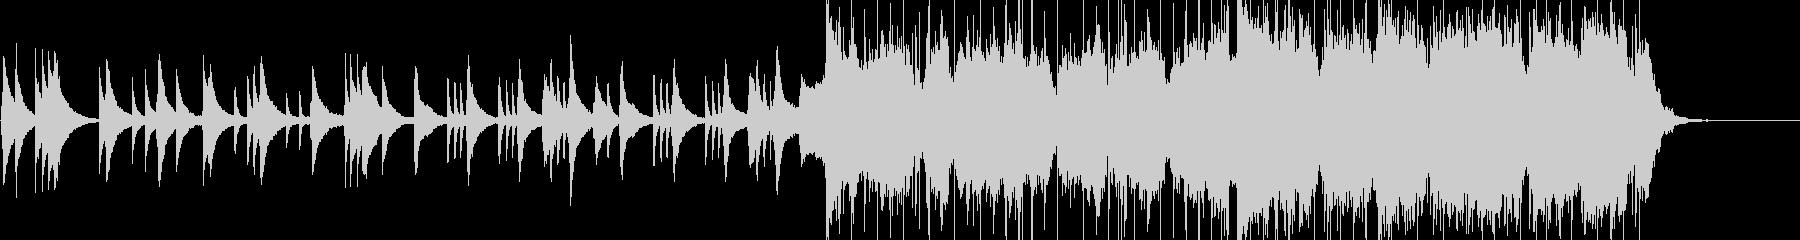 切ないRPGテーマ曲風の未再生の波形